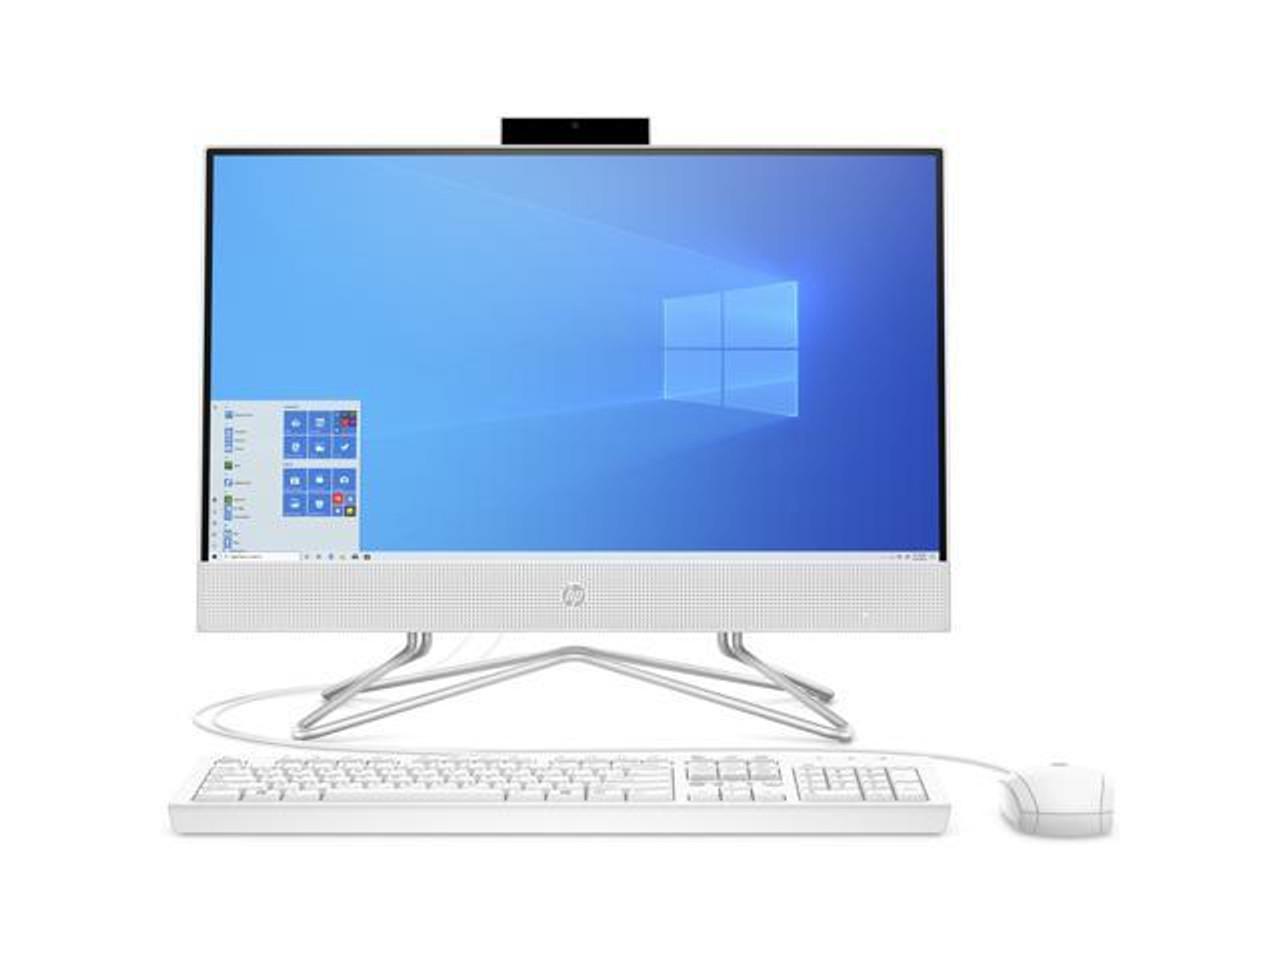 HP 22-inch All-in-One Desktop Computer, AMD Athlon Silver 3050U Processor, 4 GB RAM, 256 GB SSD